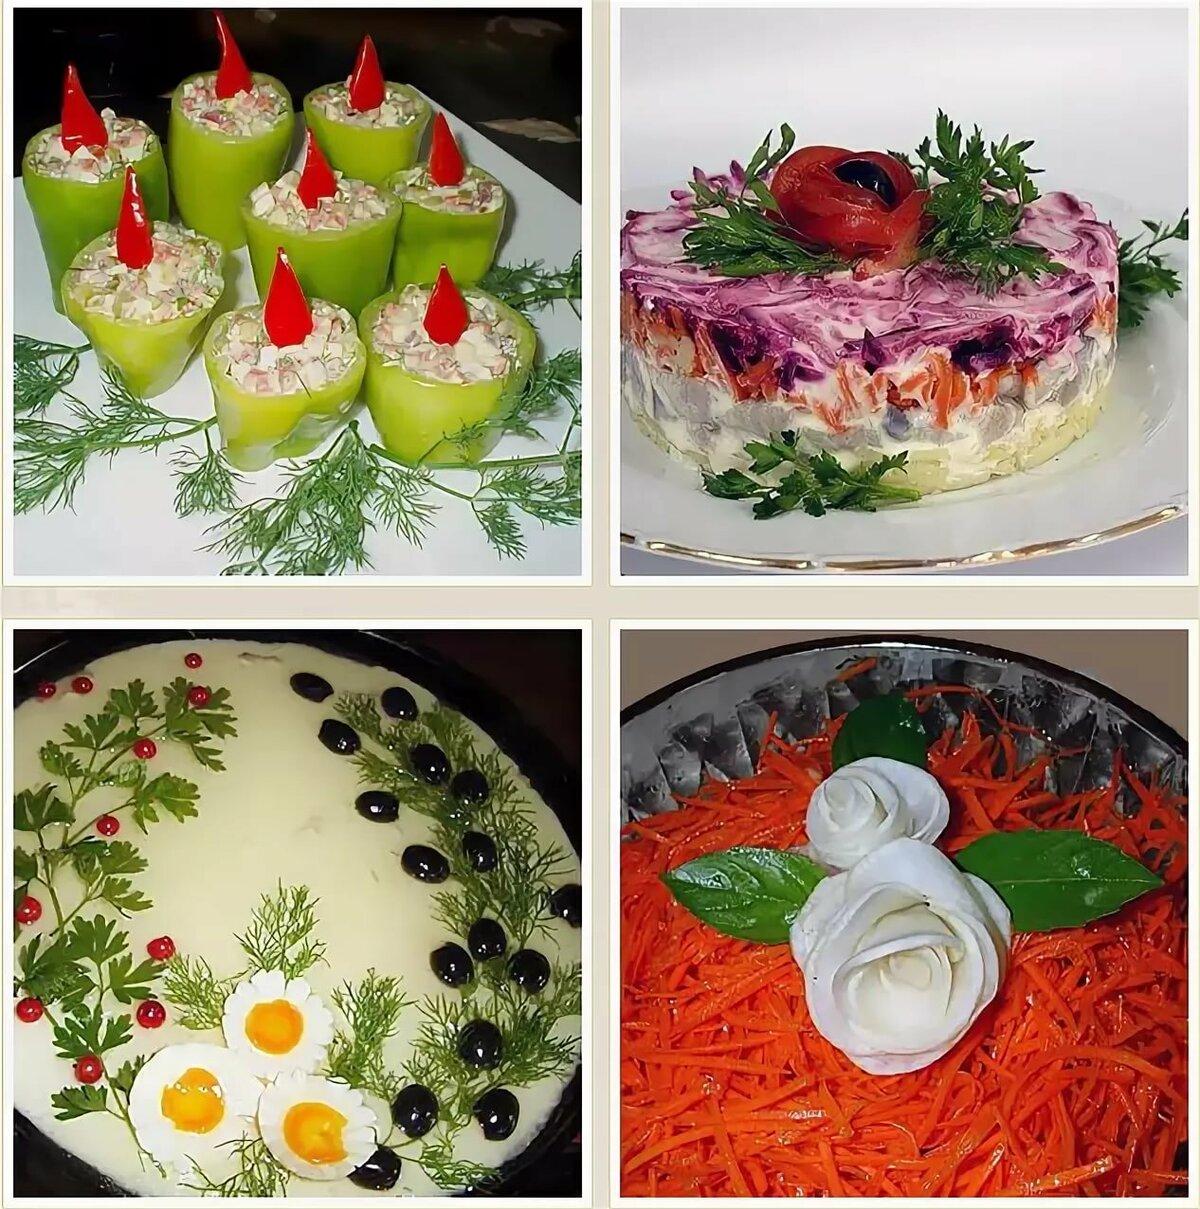 химической точки рецепты красиво украшенных салатов с фото создание художественного